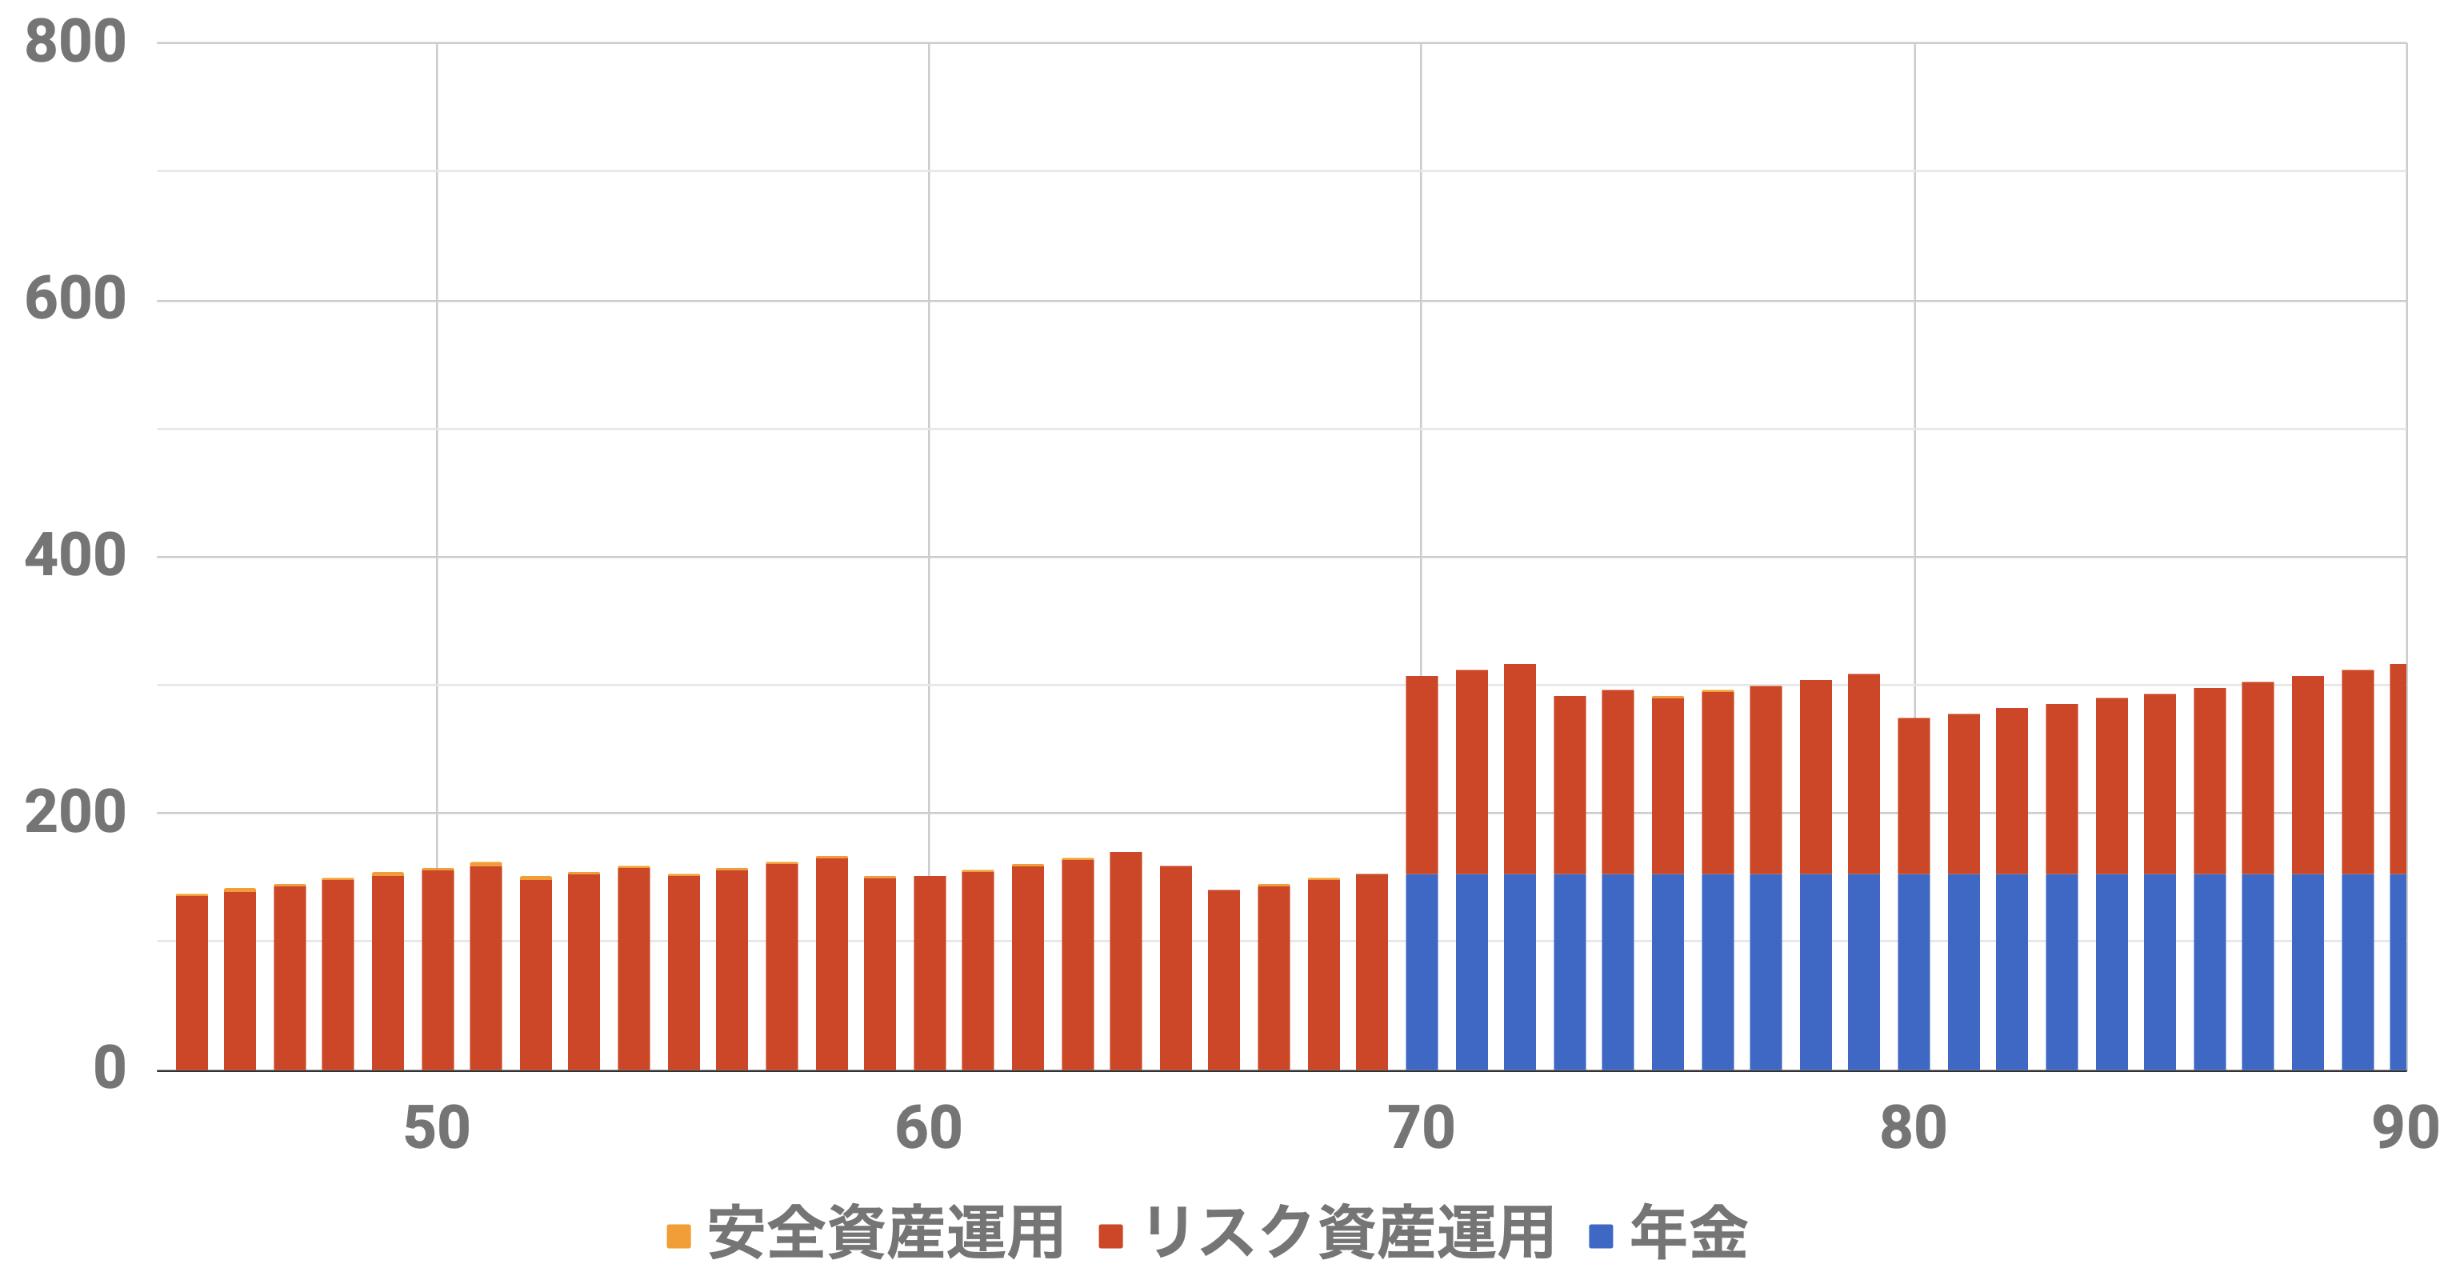 45歳9000万円収入シミュレーション(Level5)インフレ率0%利率3%連続増配率3%リスク資金4500万